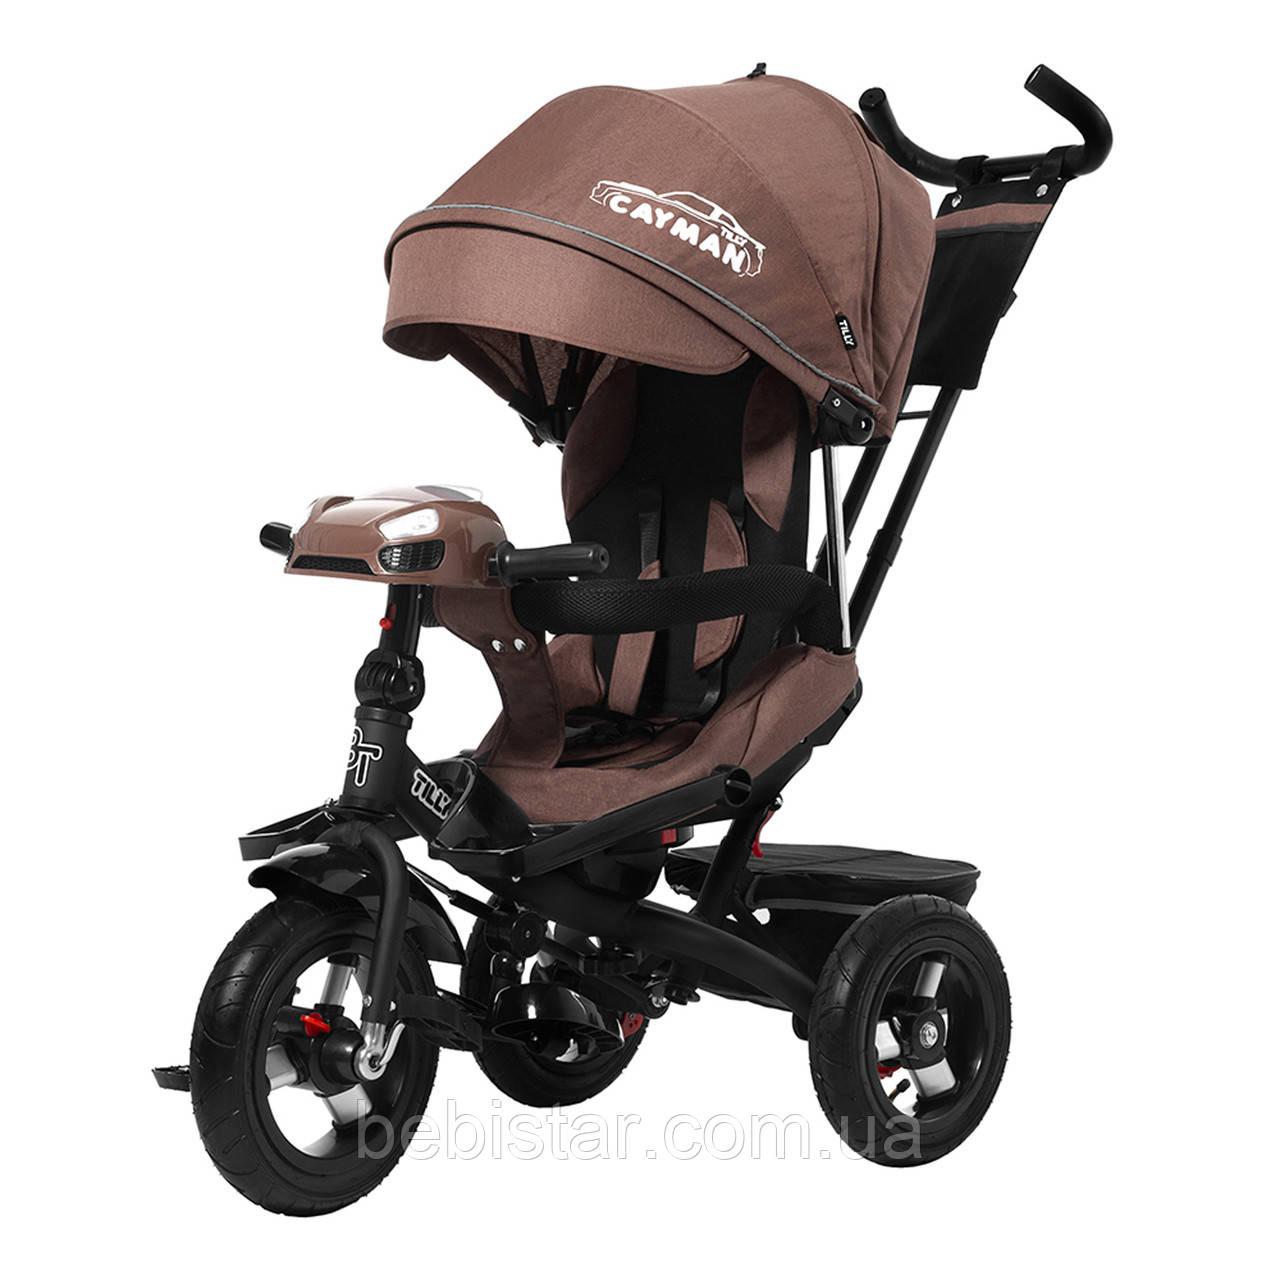 Триколісний велосипед TILLY CAYMAN Шоколадний льон посилена рама поворот сидіння надувн колеса музика і світло